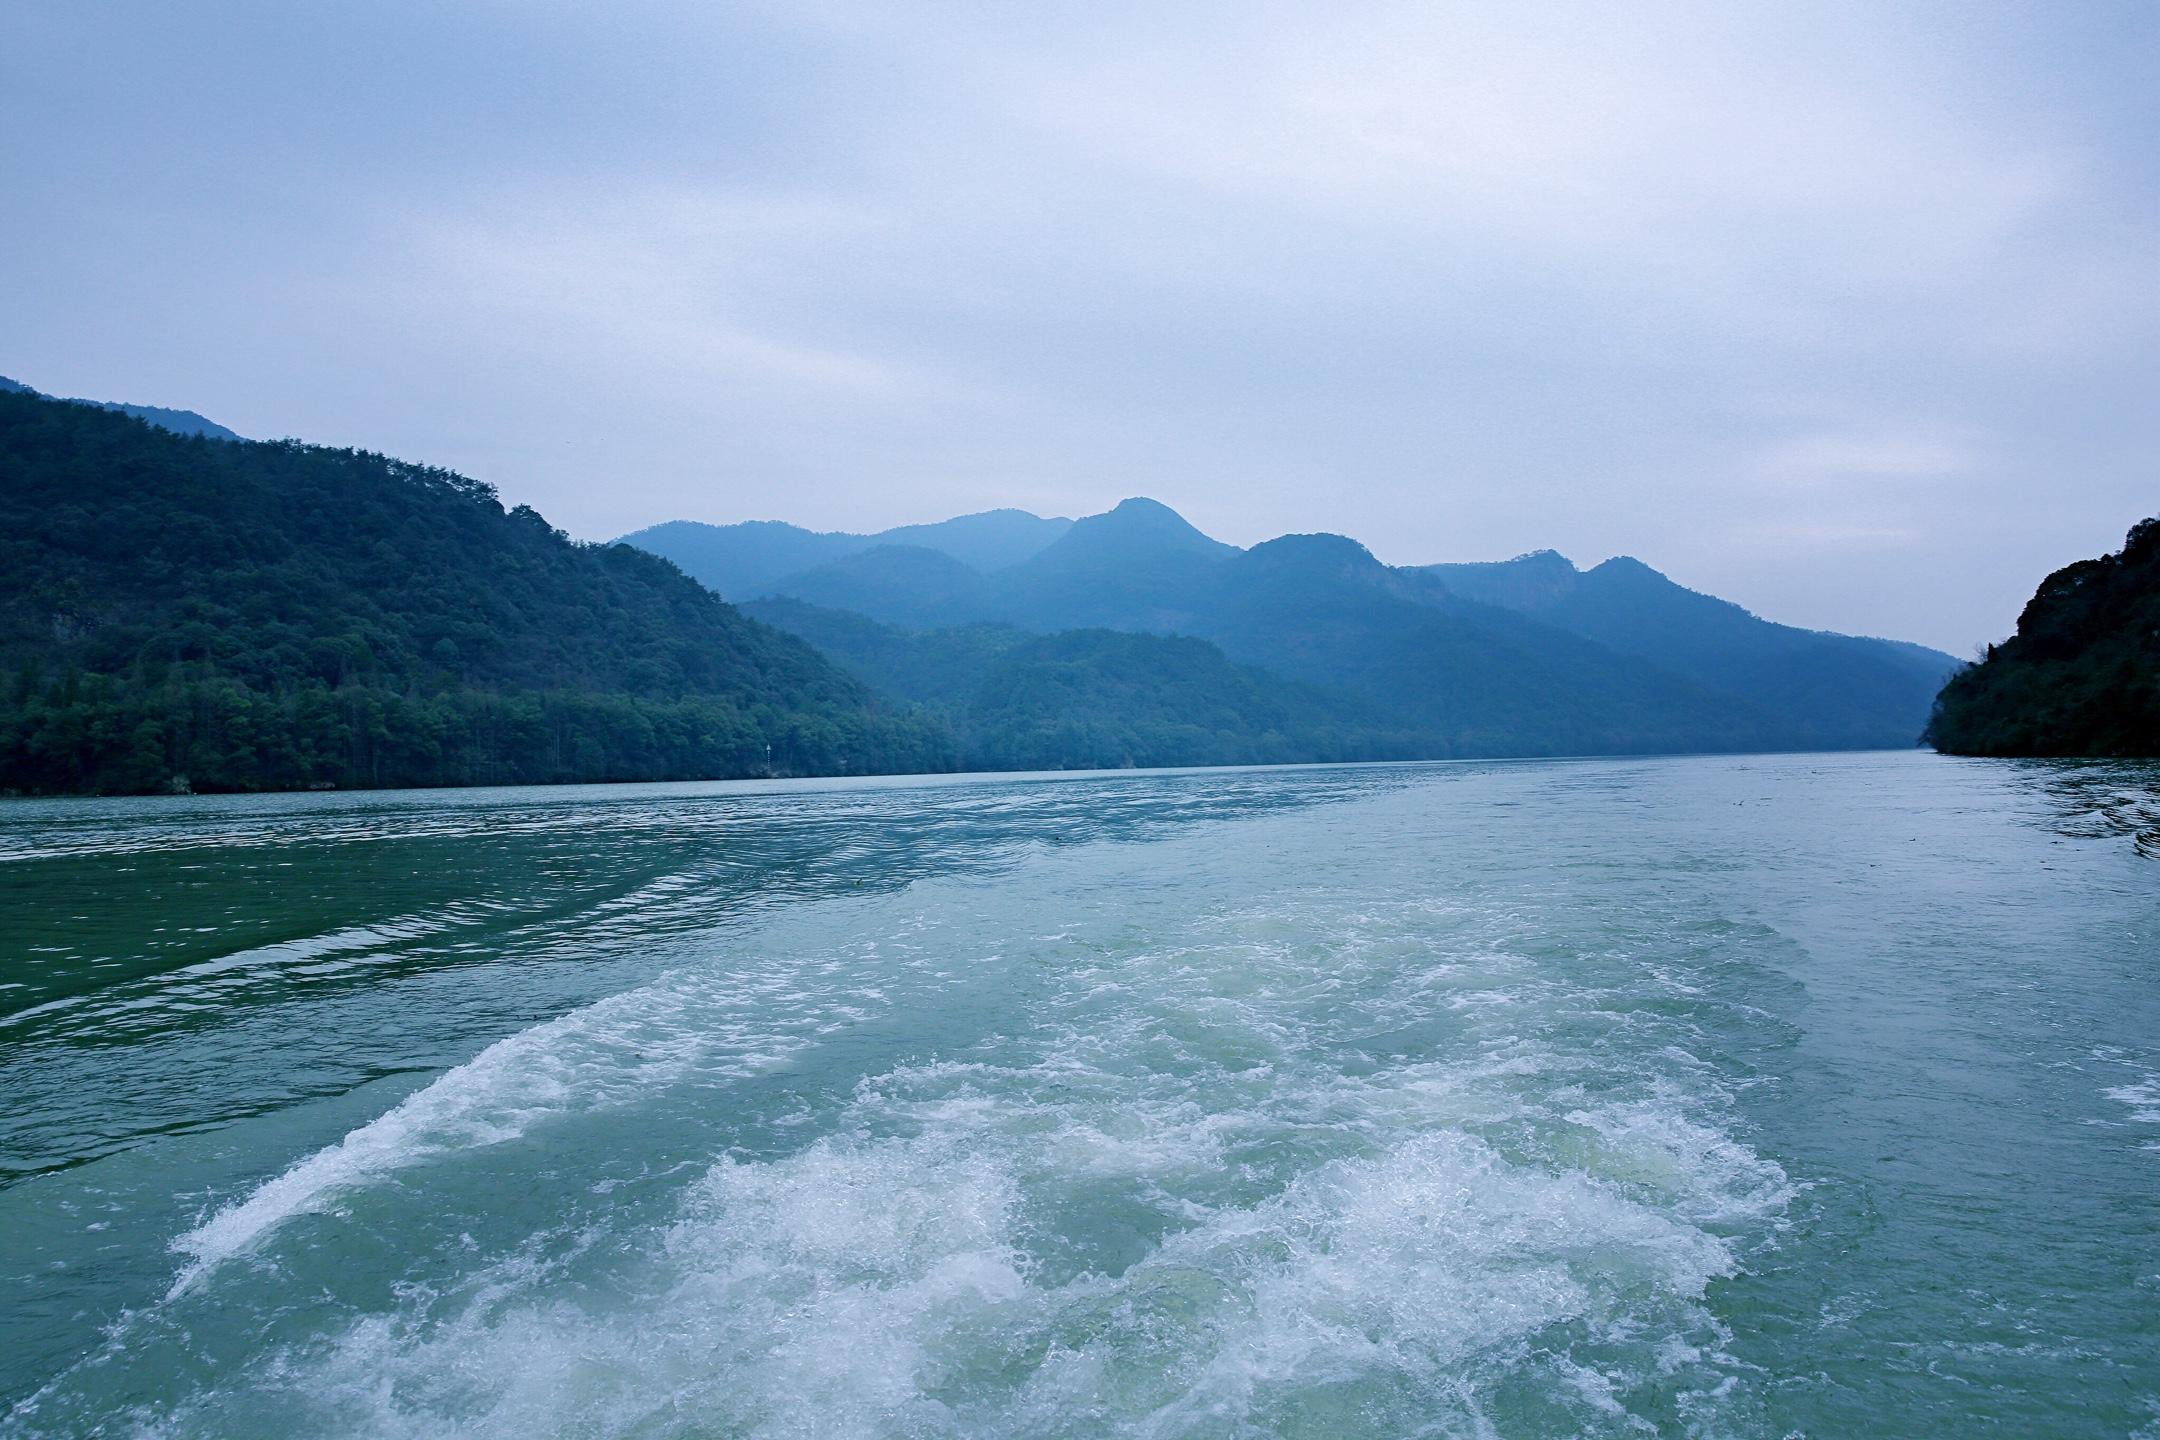 七里扬帆风景区是富春江--新安江--千岛湖国家级风景名胜区